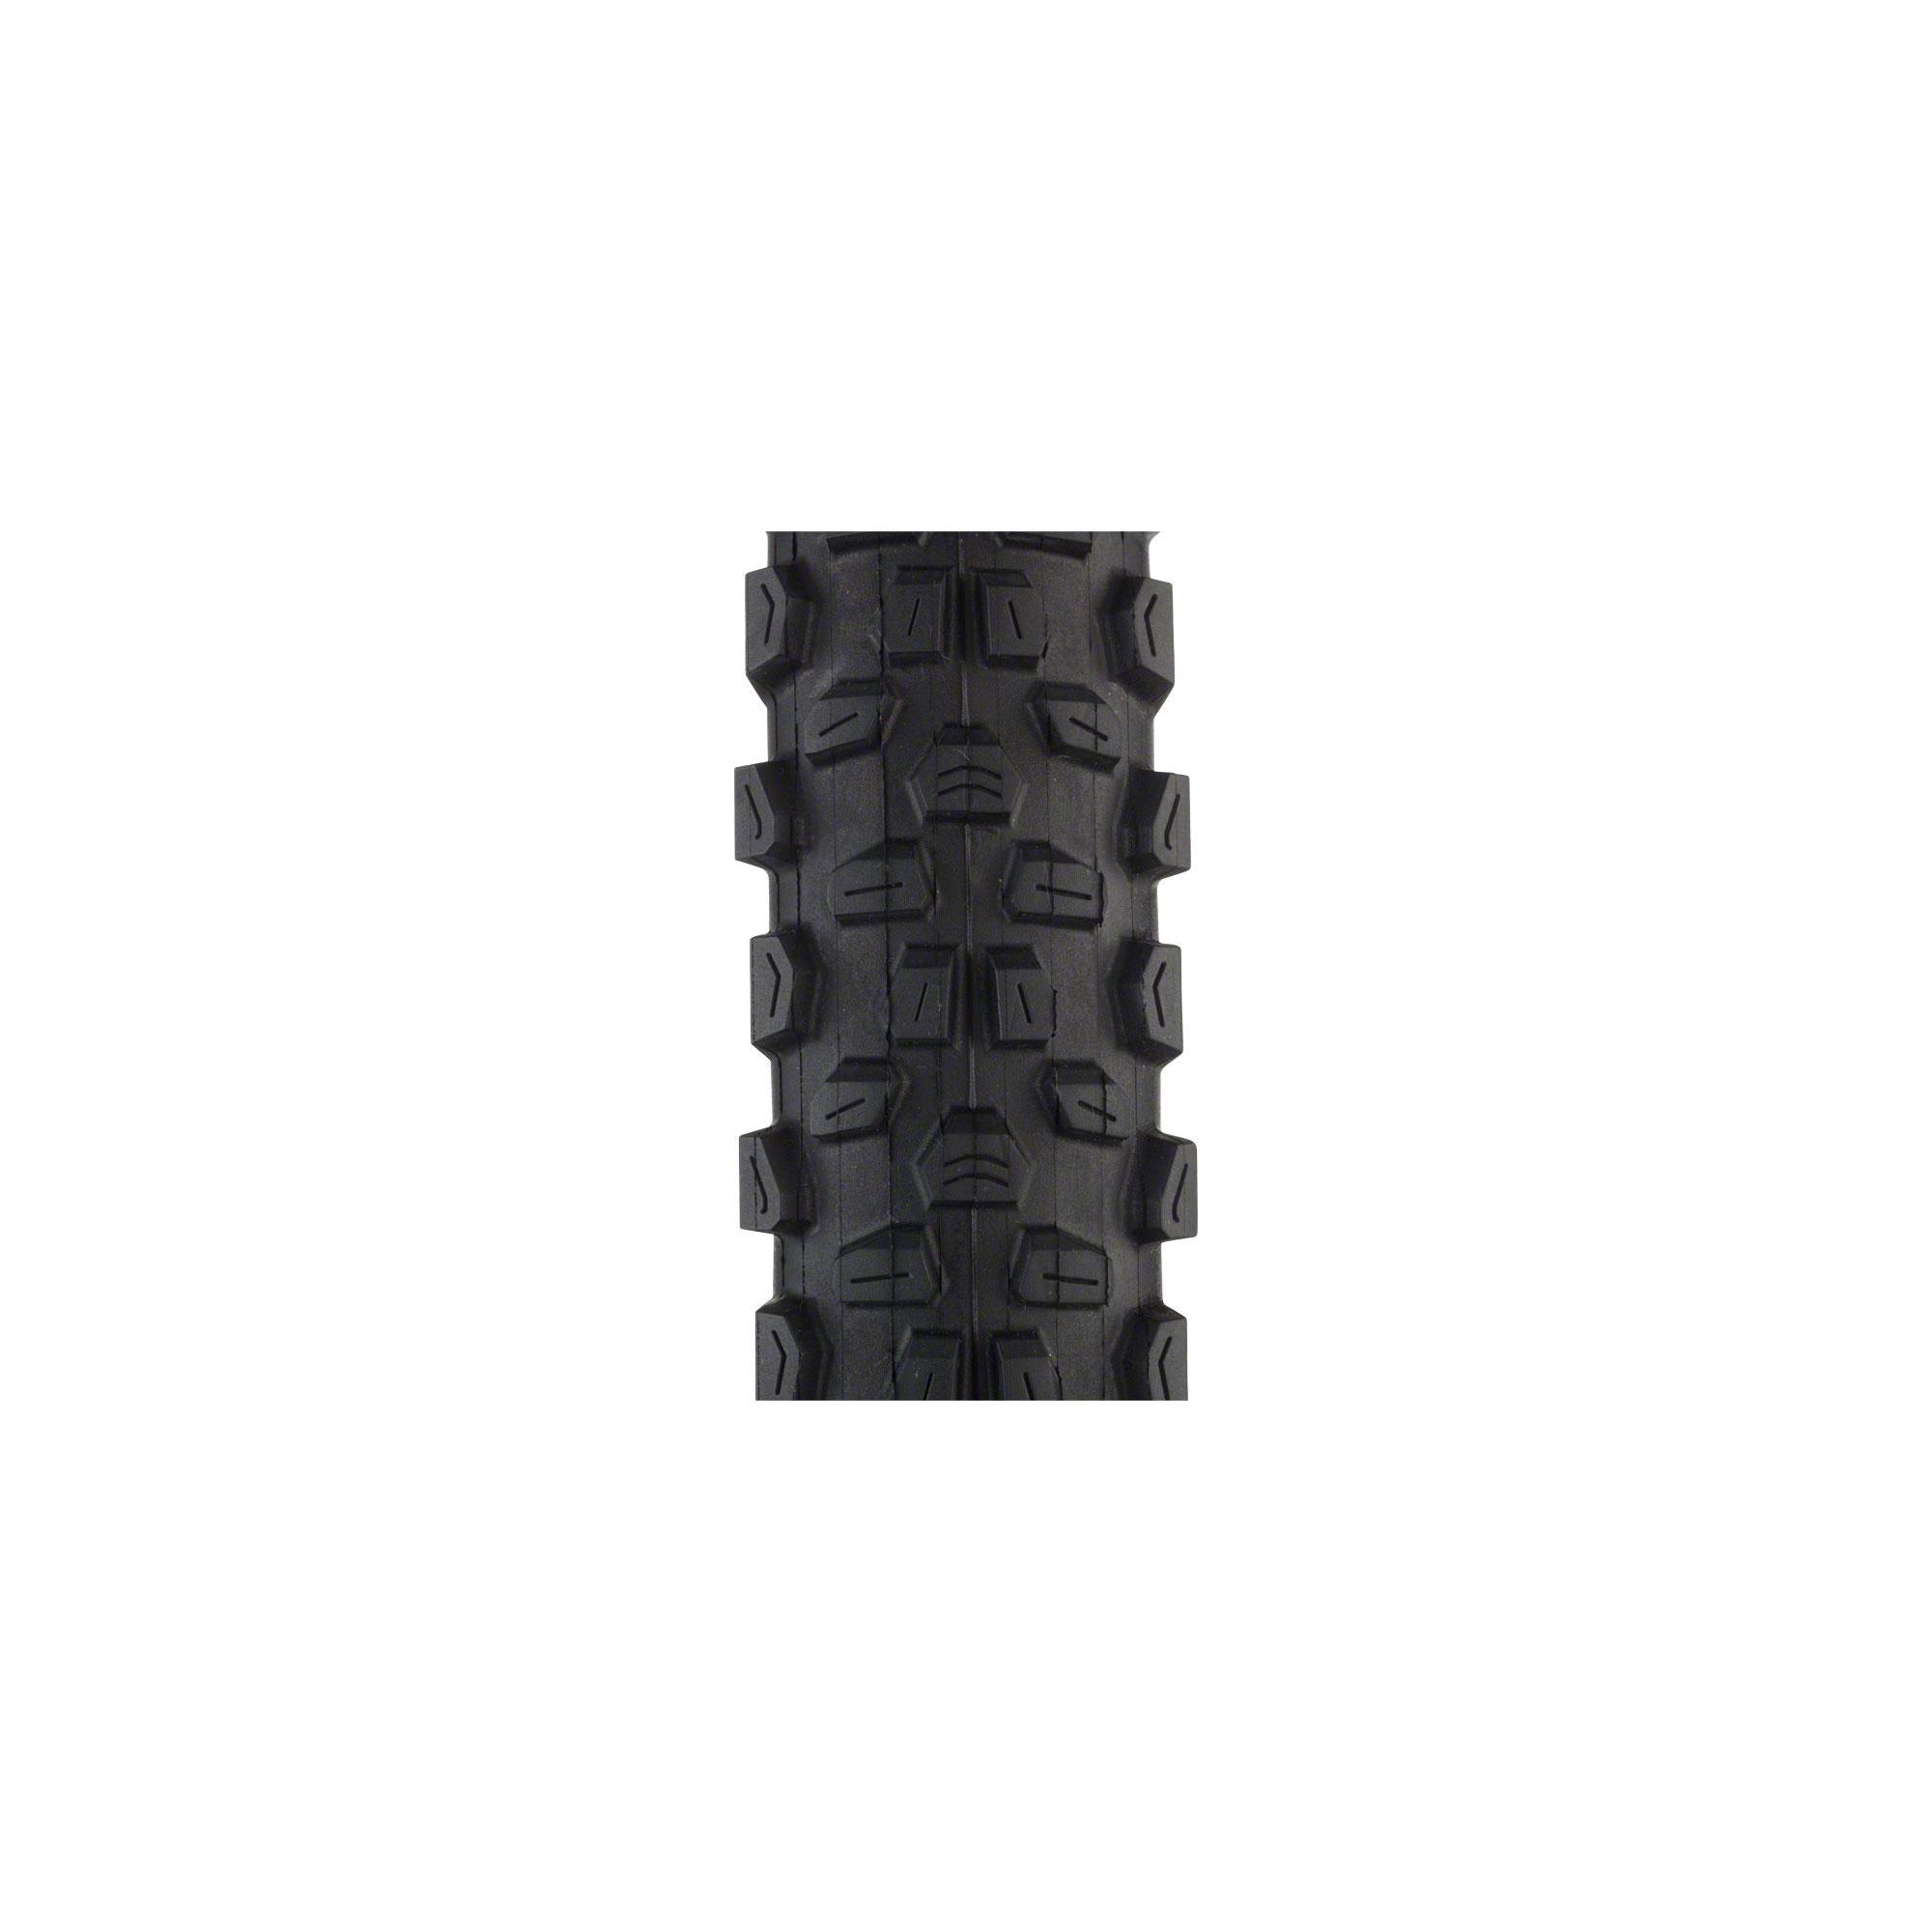 29x2.25 Steel Bead Black CST Rock Hawk MTB Tire